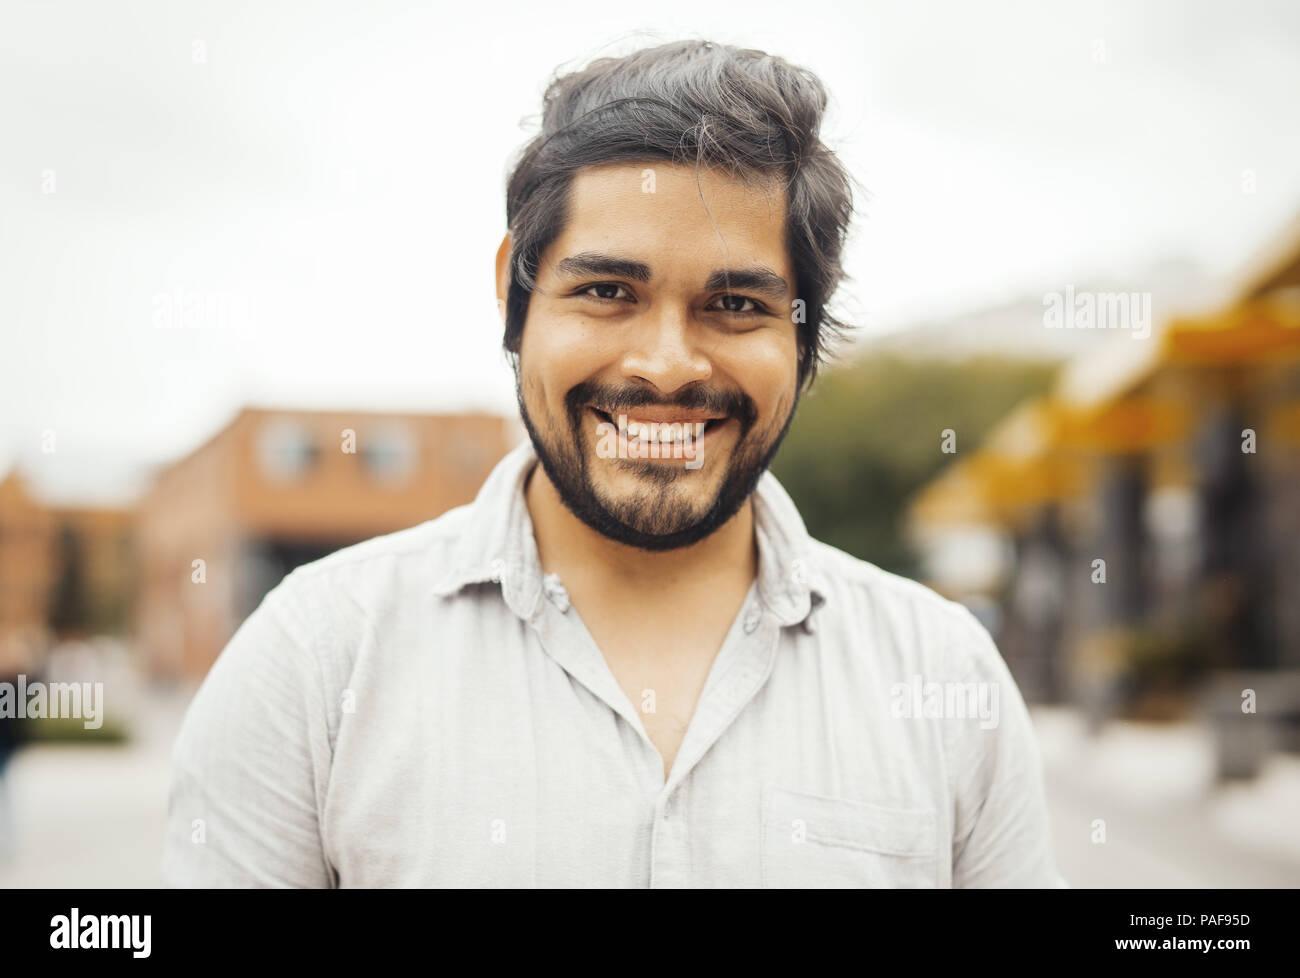 Attraente bruna uomo latino guardando la telecamera e sorridente. Immagini Stock